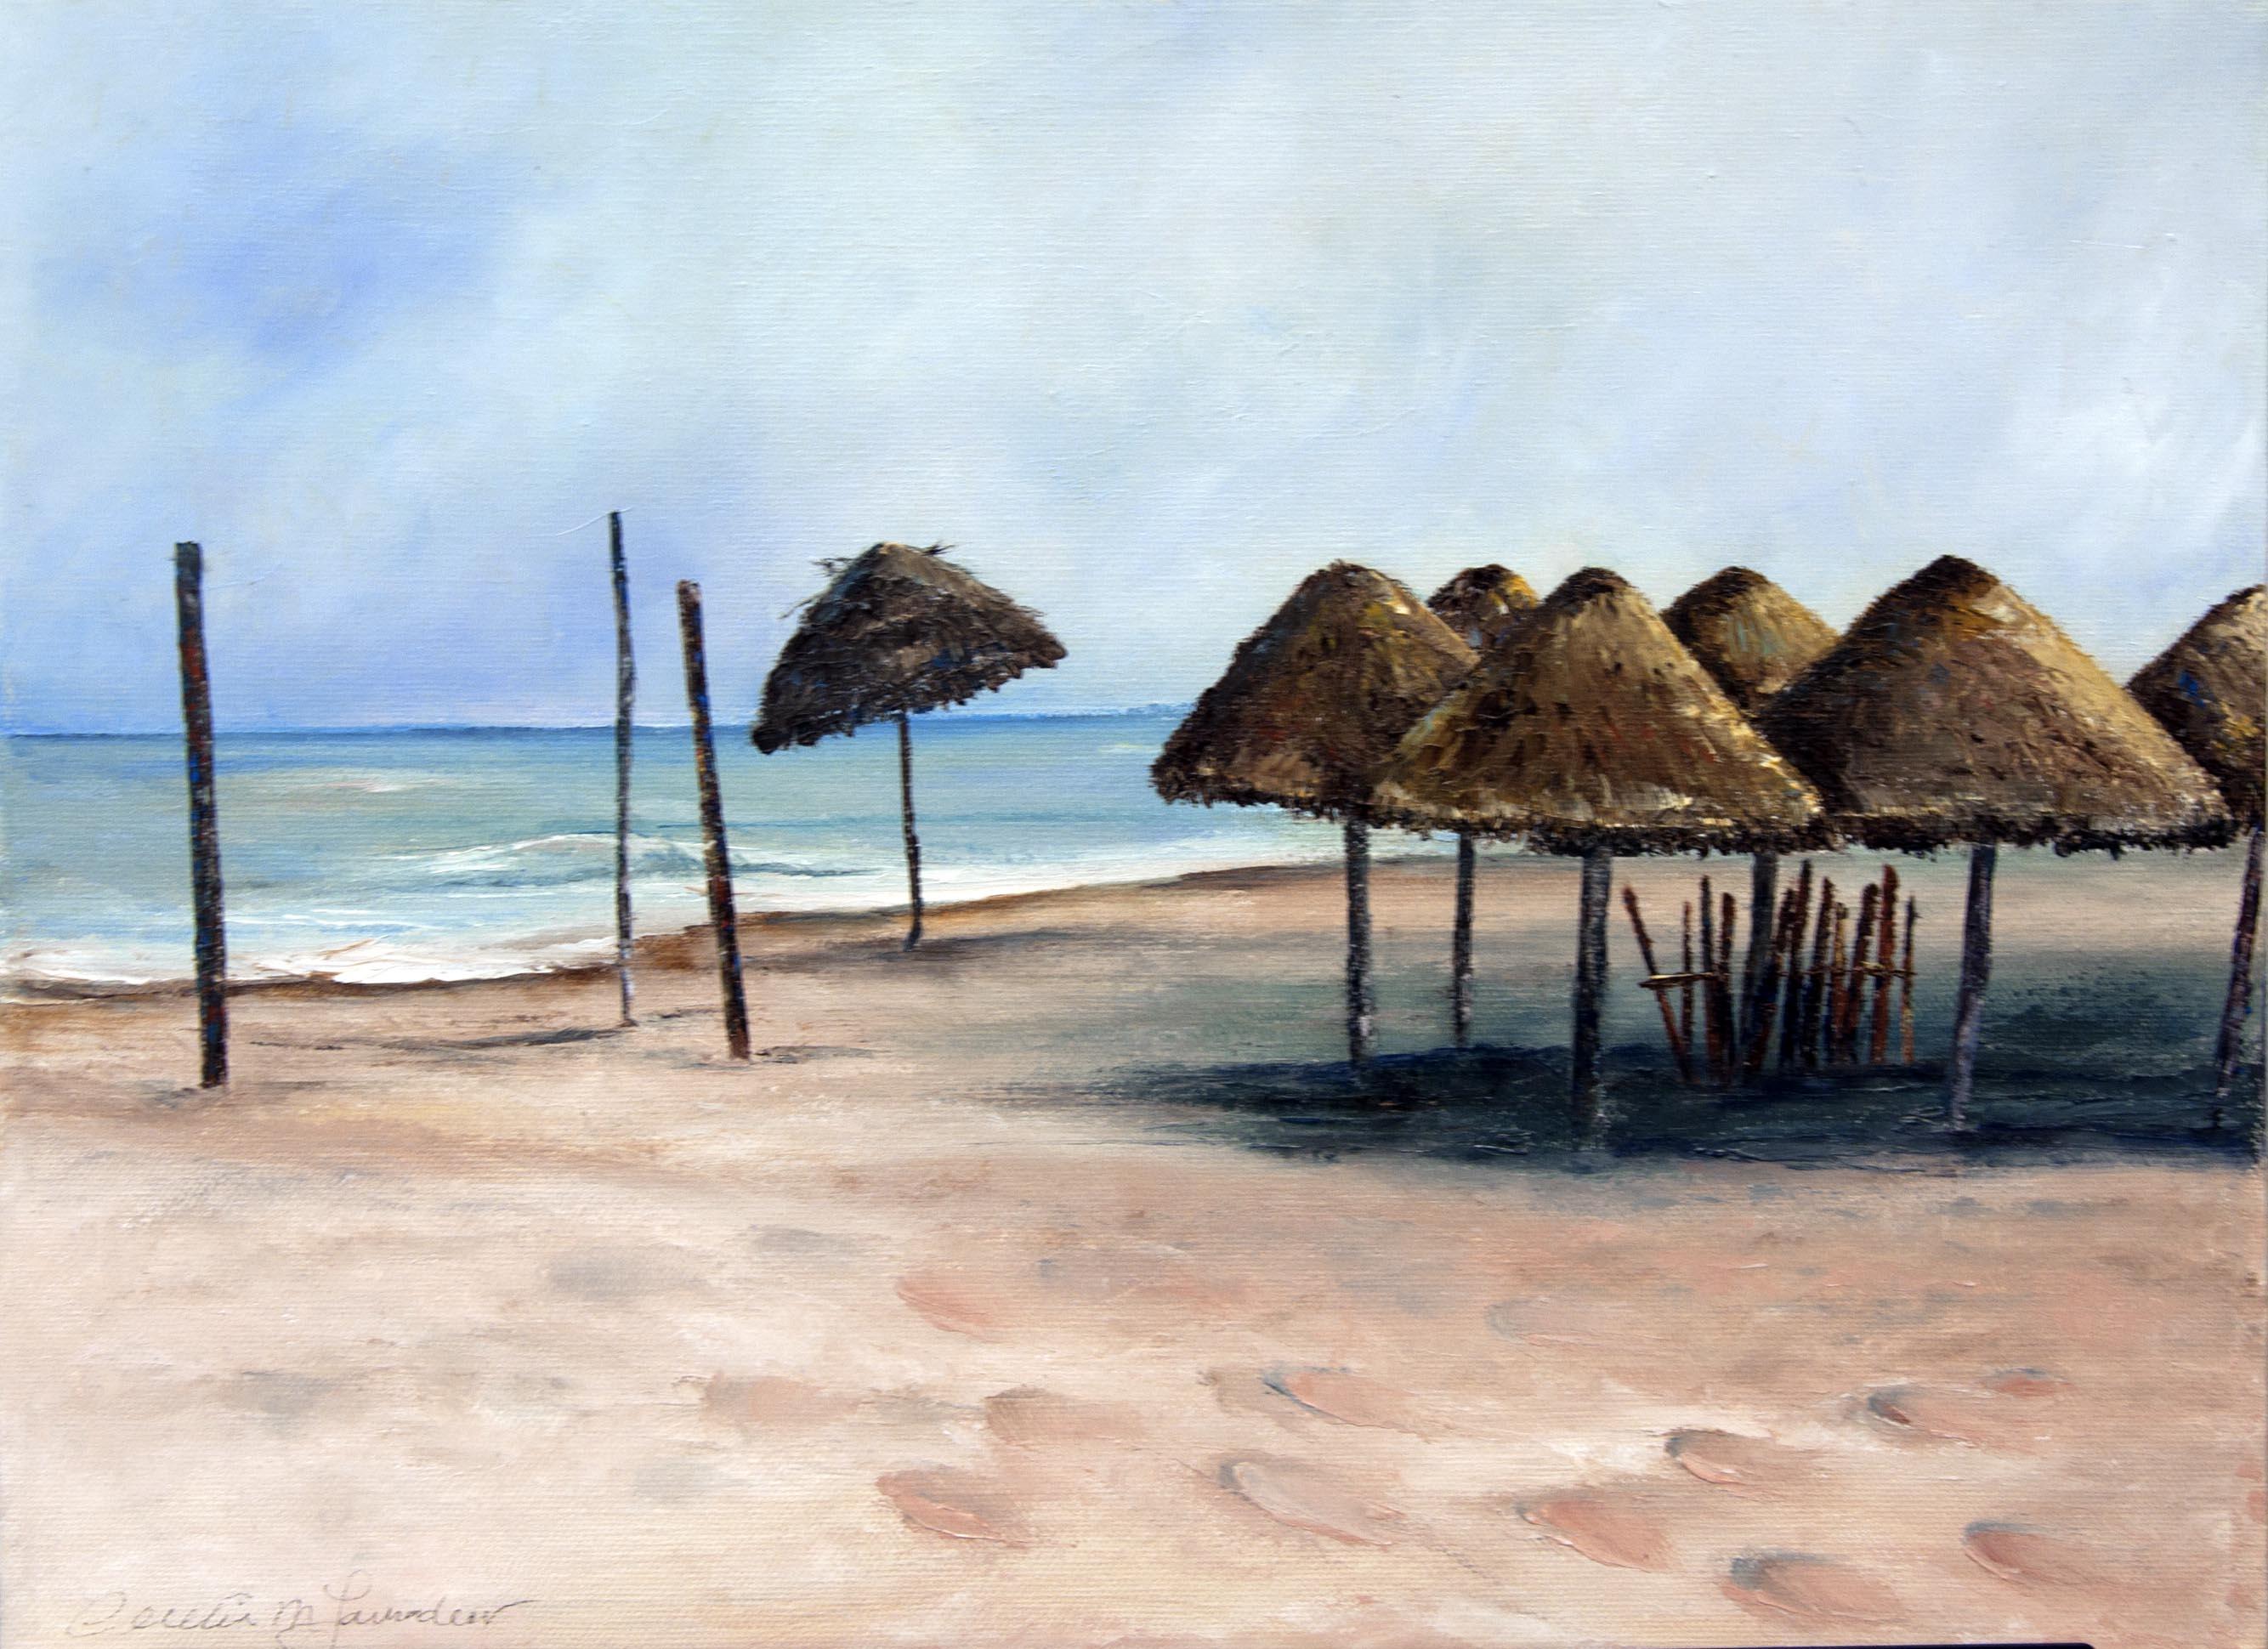 Deserted